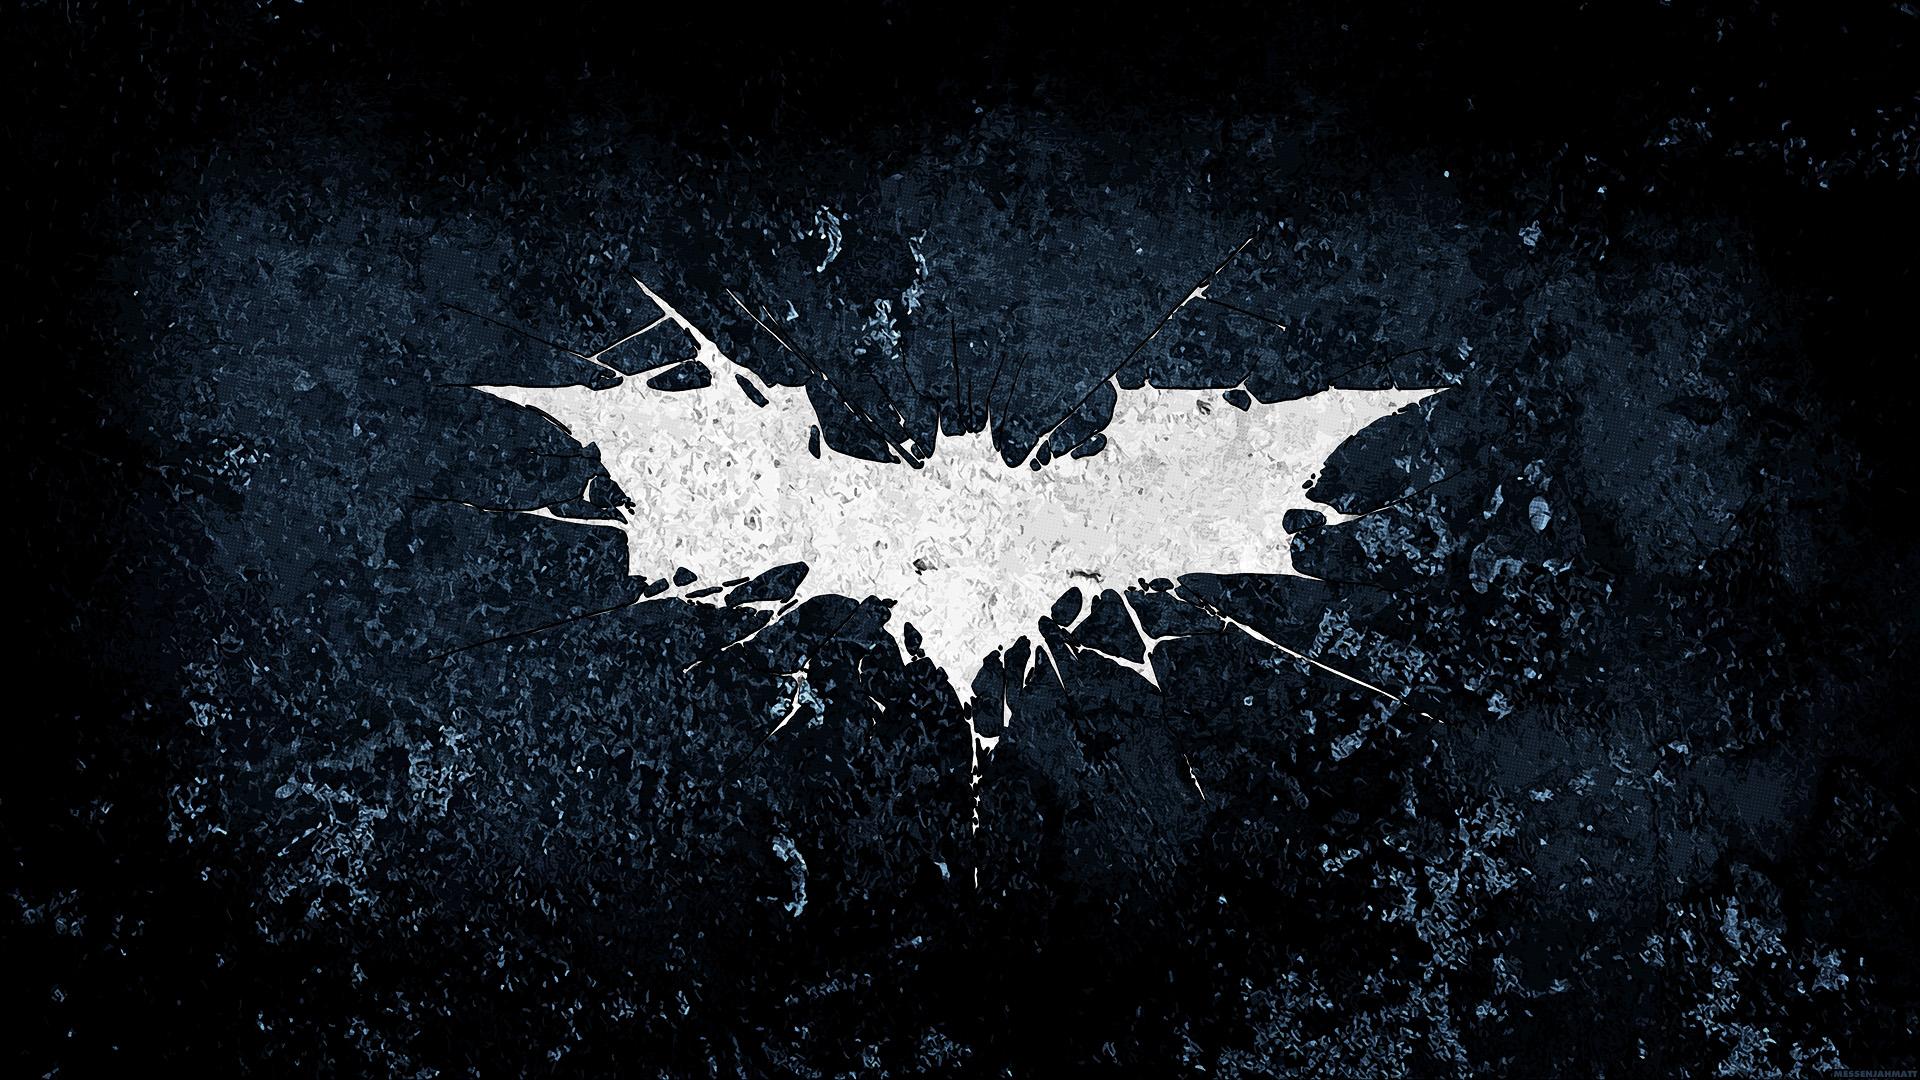 Batman Wallpaper Hd wallpaper   656723 1920x1080